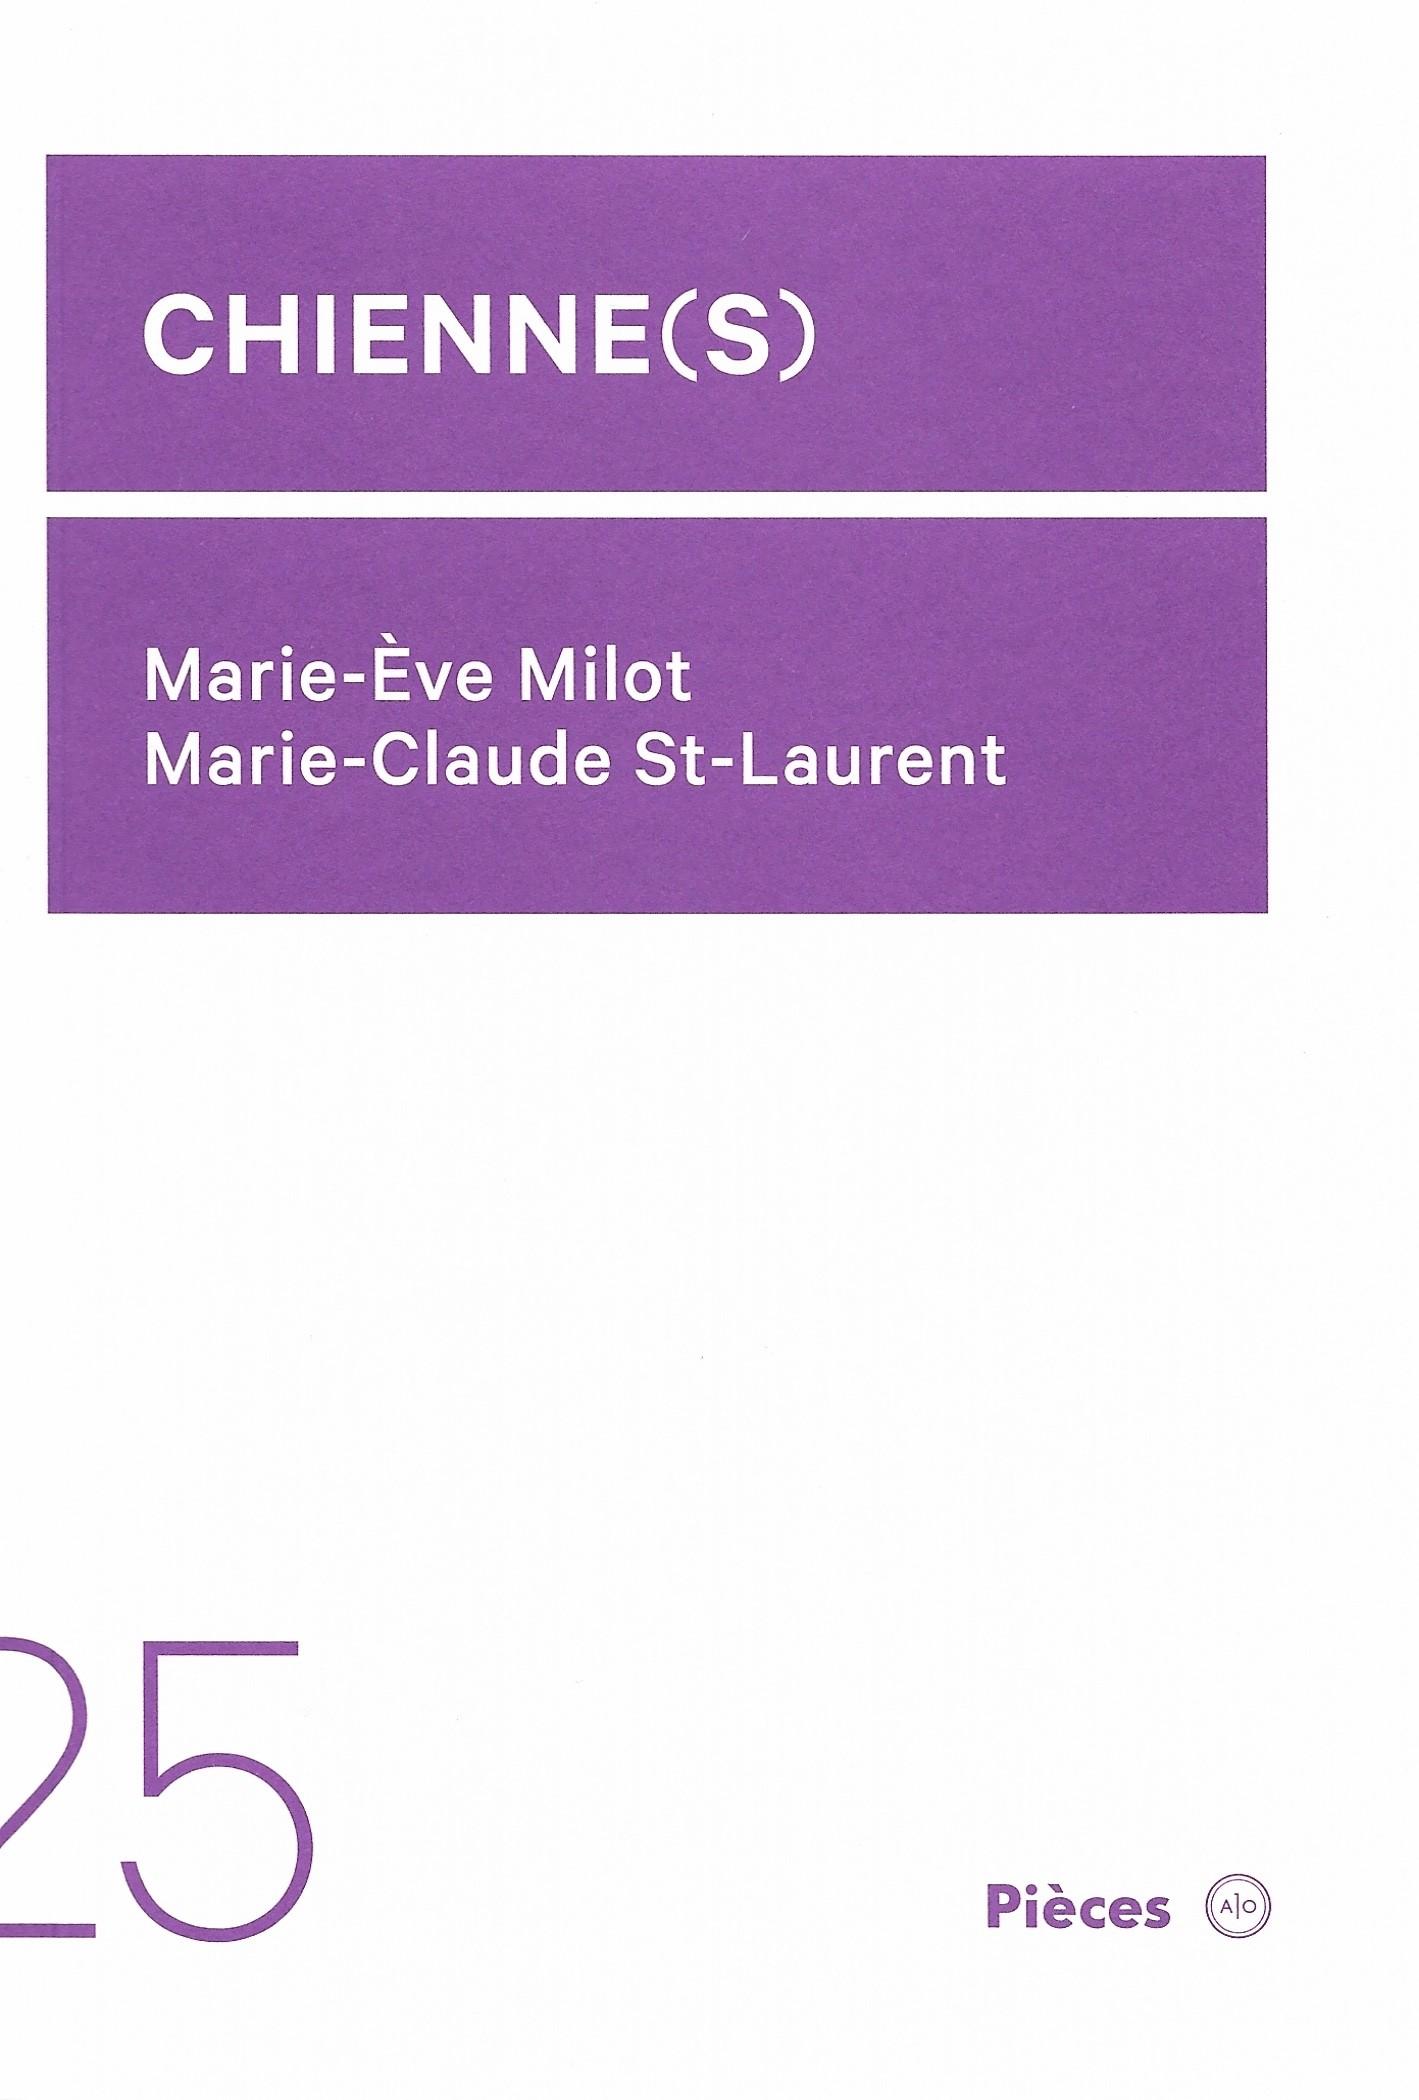 Marie-Ève Milot et Marie-Claude St-Laurent, Chienne(s), 2020, couverture